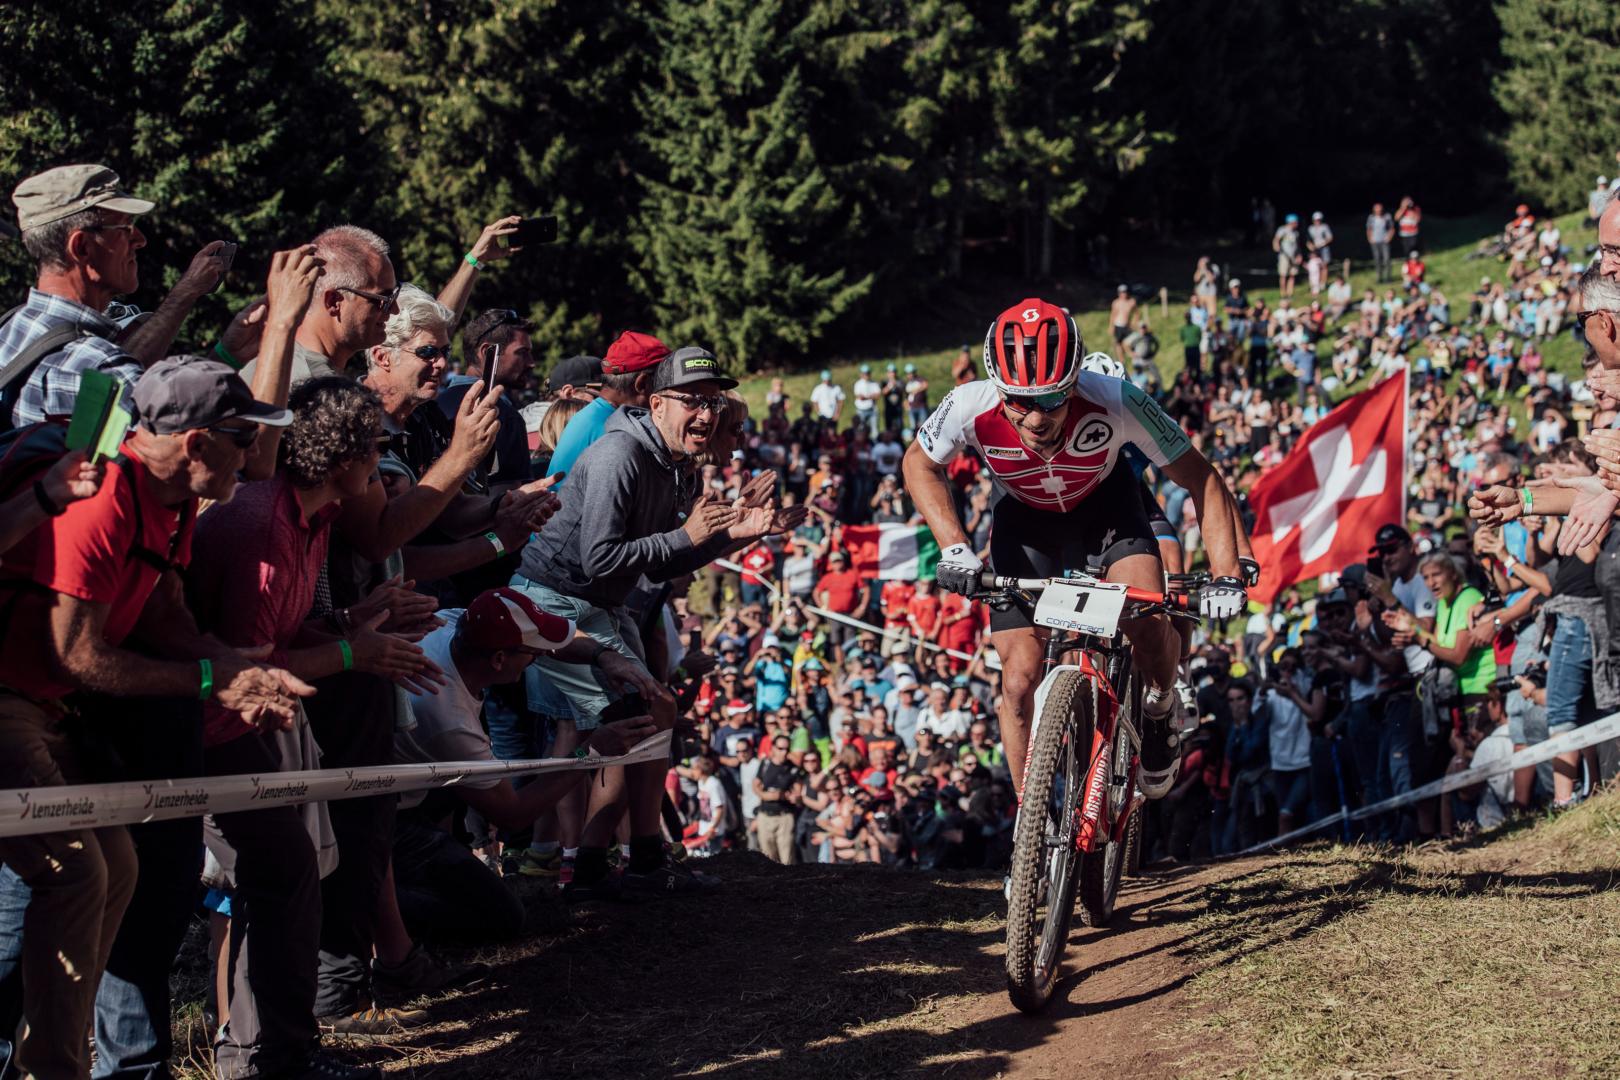 Mistrzostwa Świata w kolarstwie górskim 2018 – Lenzerheide, Szwajcaria [wyniki]